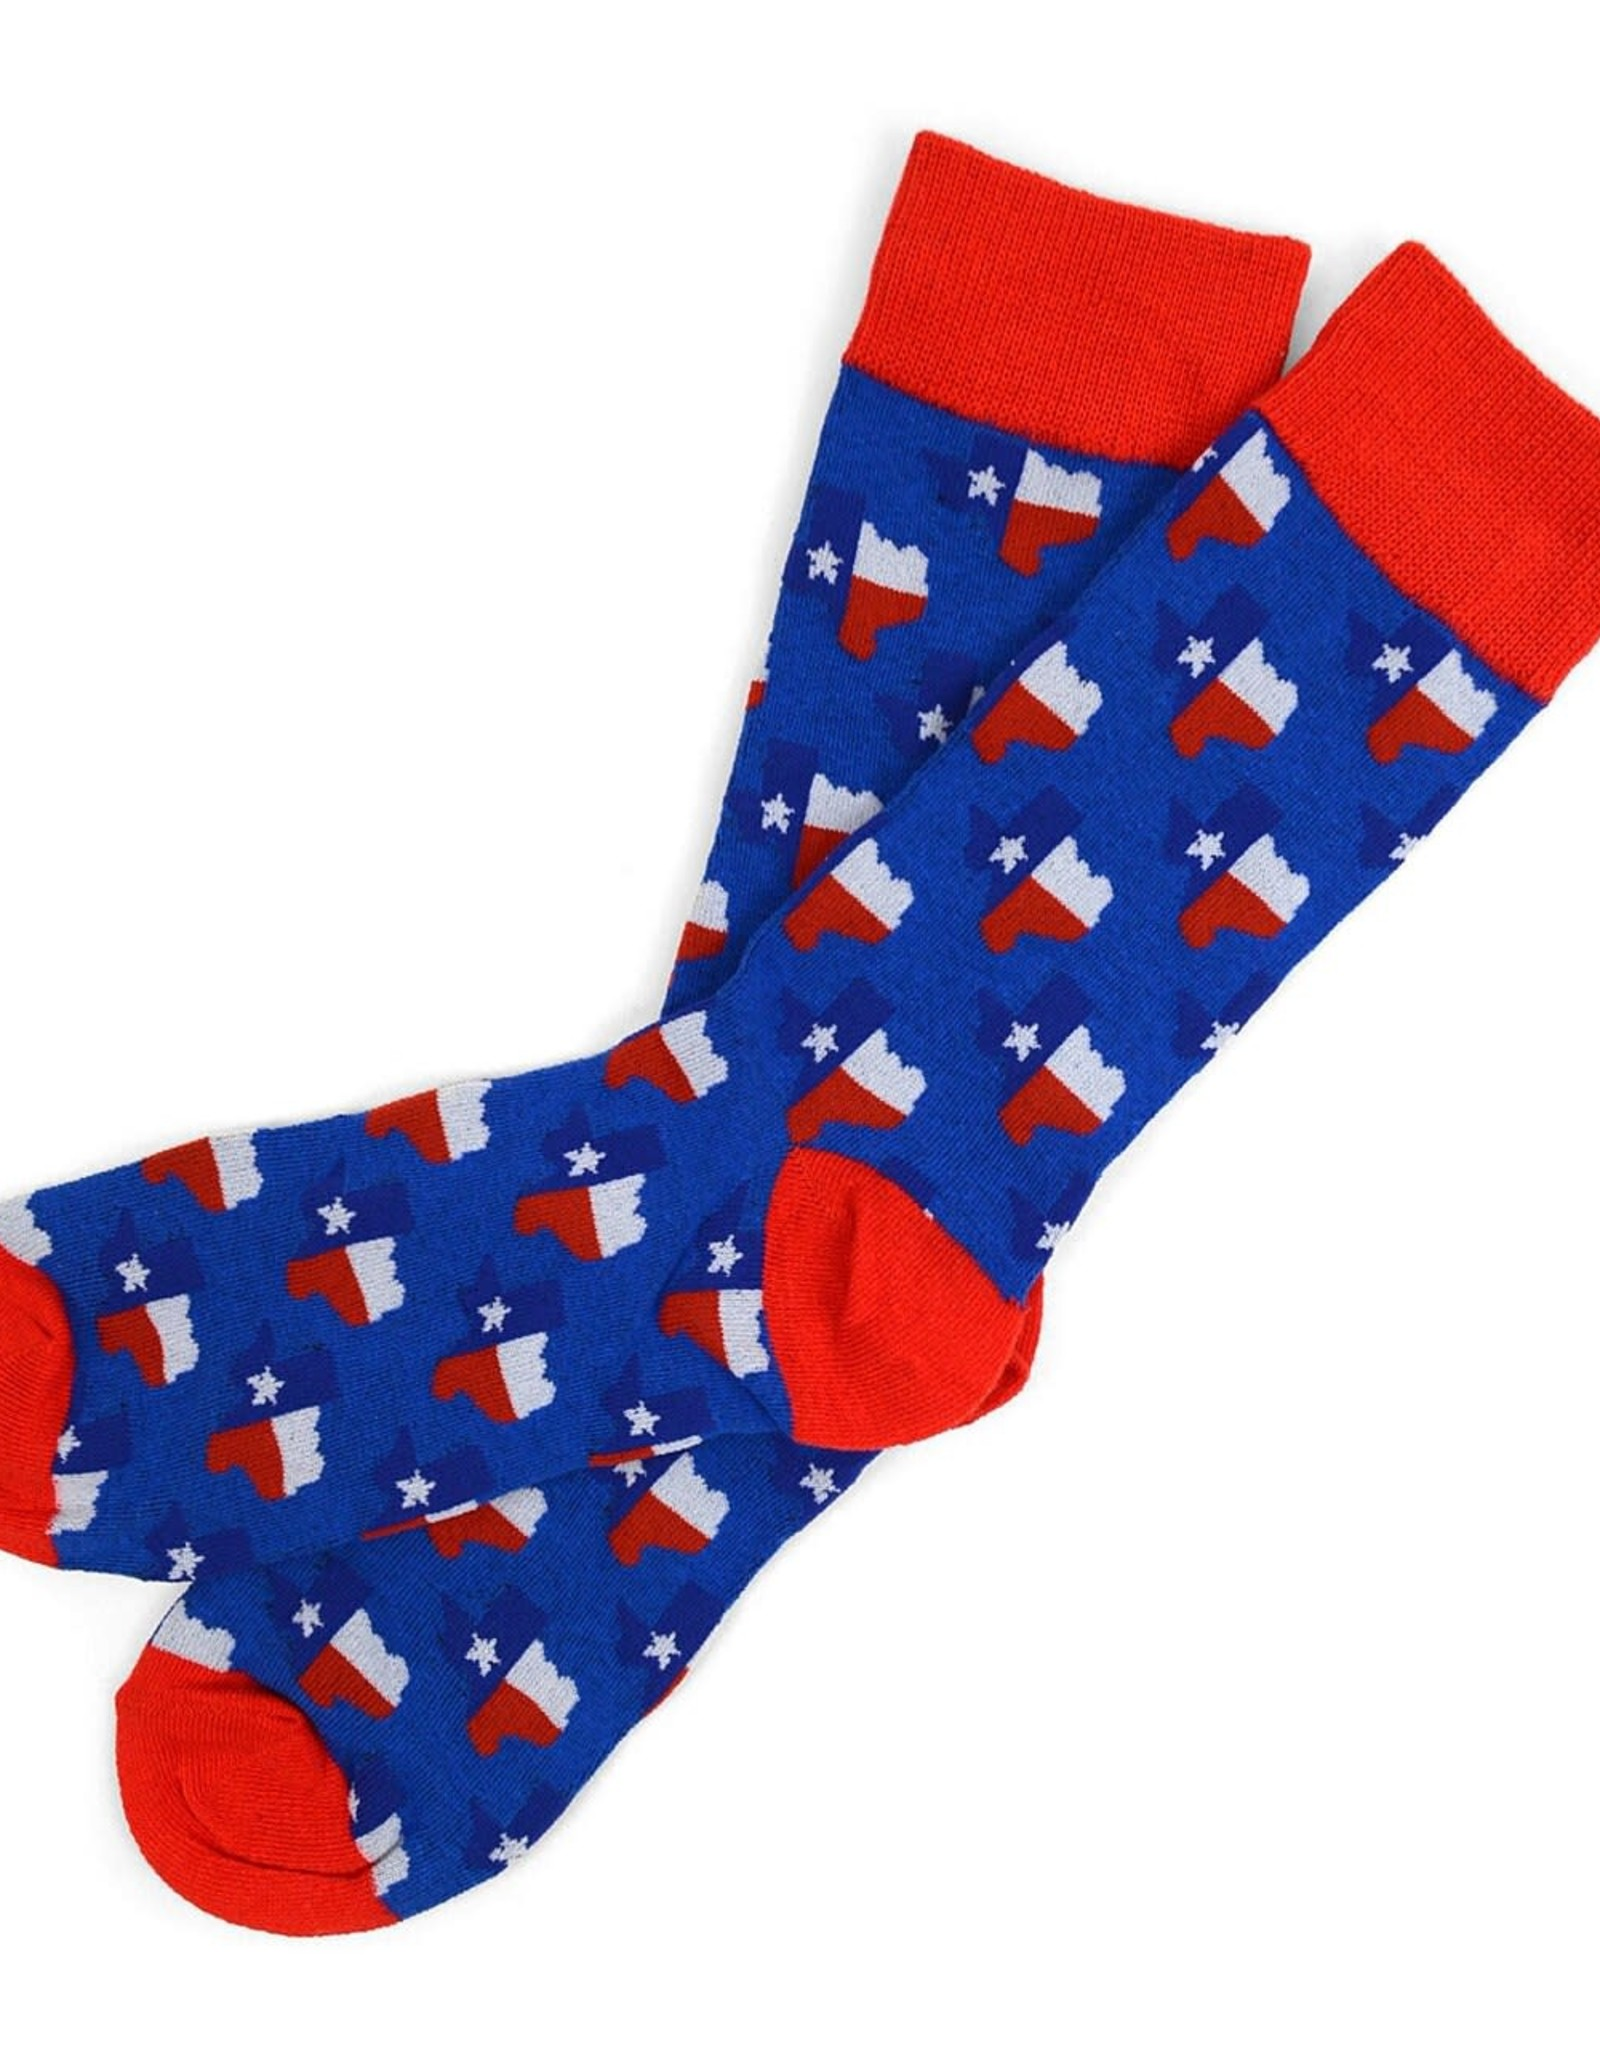 Selini Texas State Socks